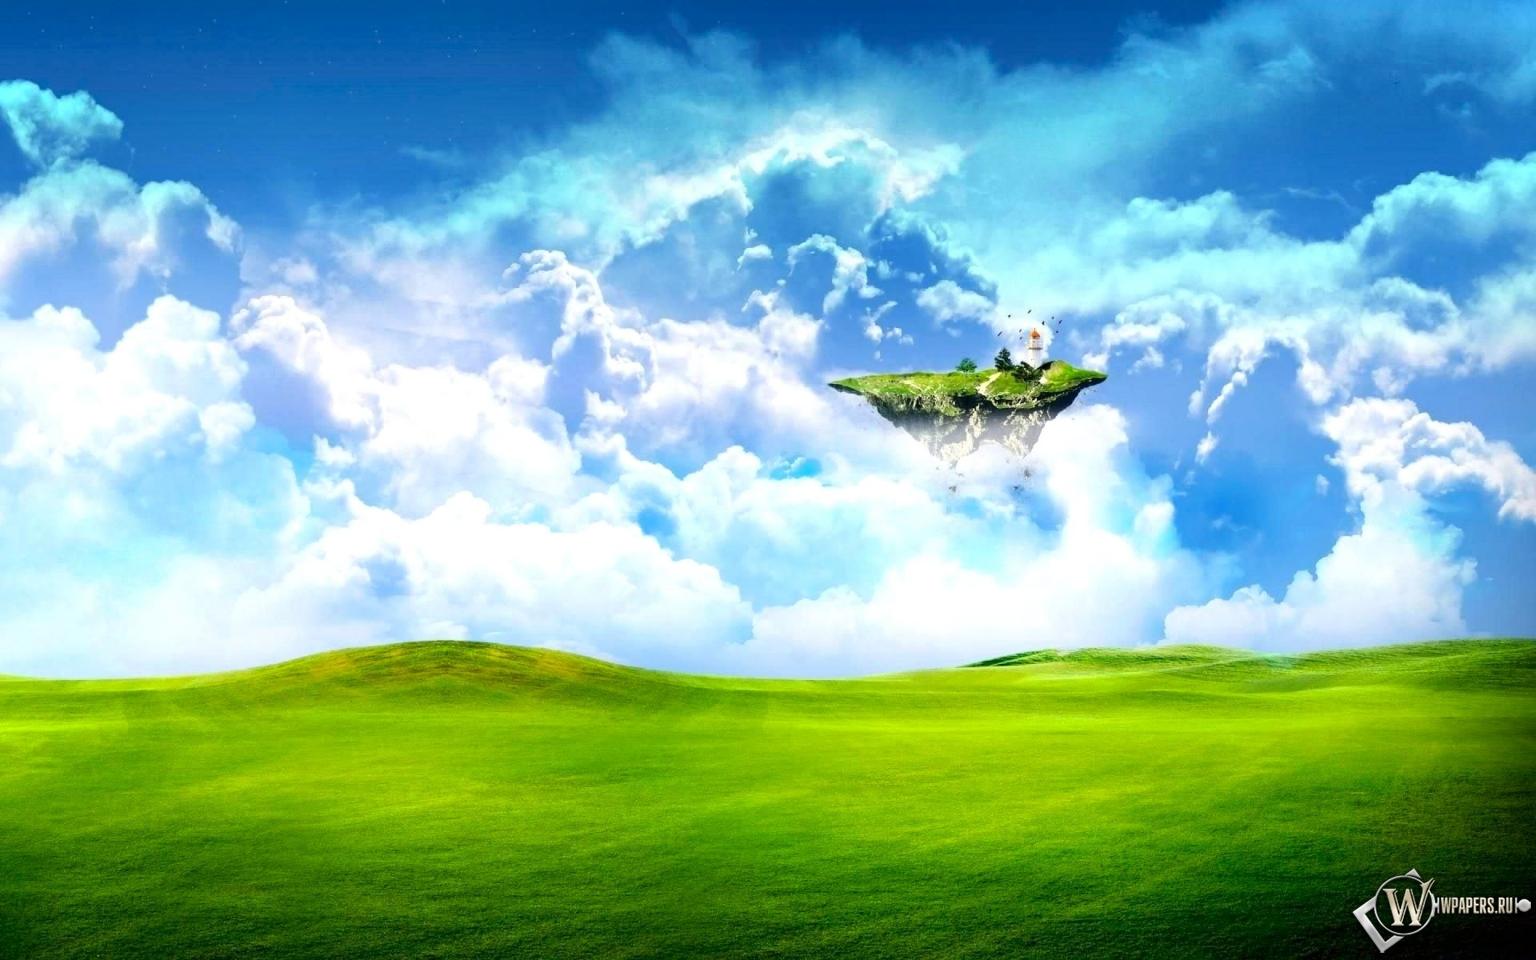 Летающий островок 1536x960